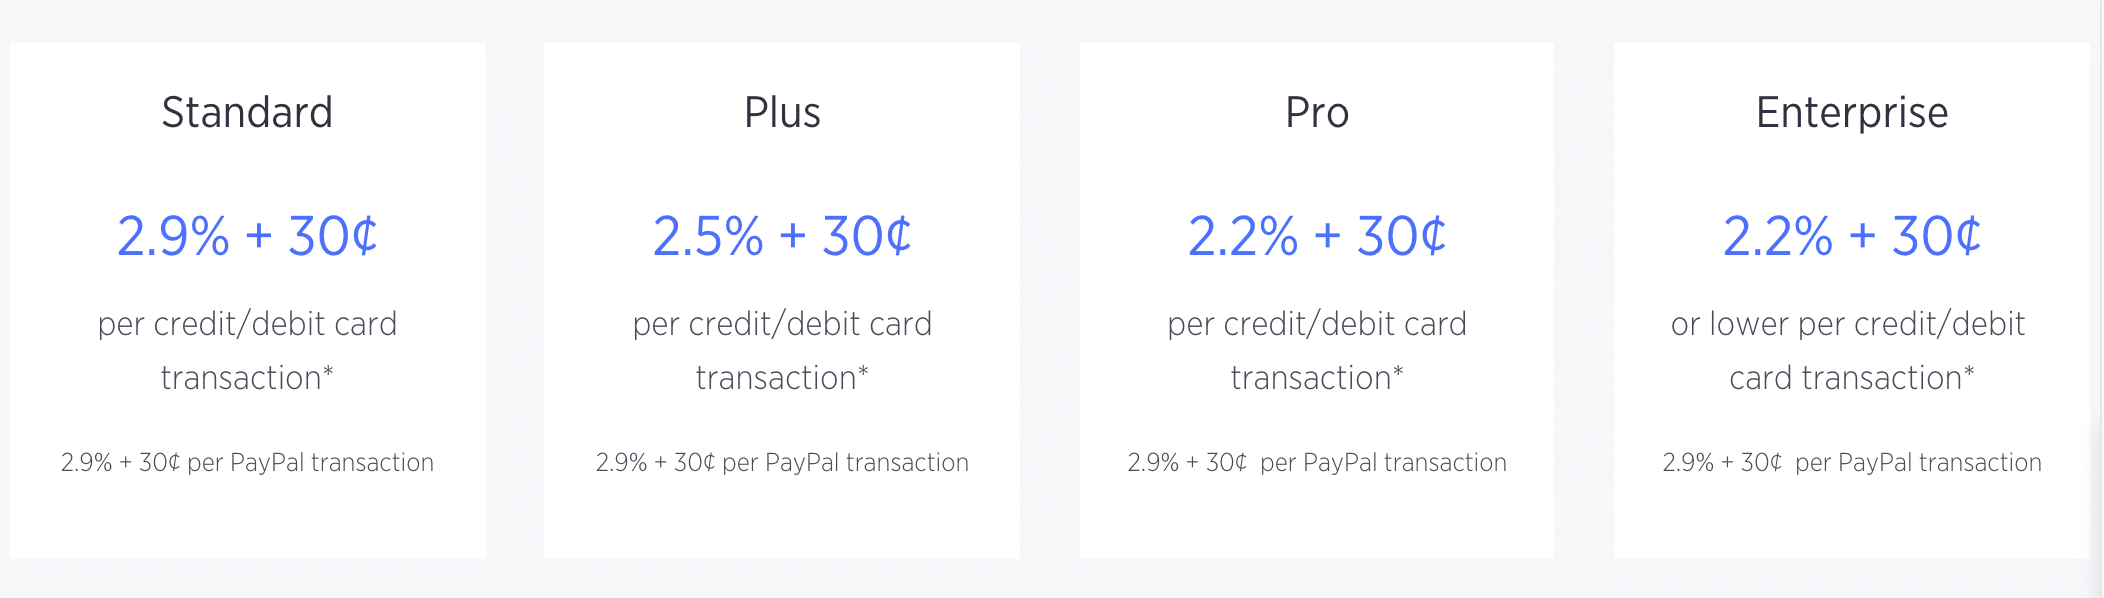 Tarifas de transacción de BigCommerce